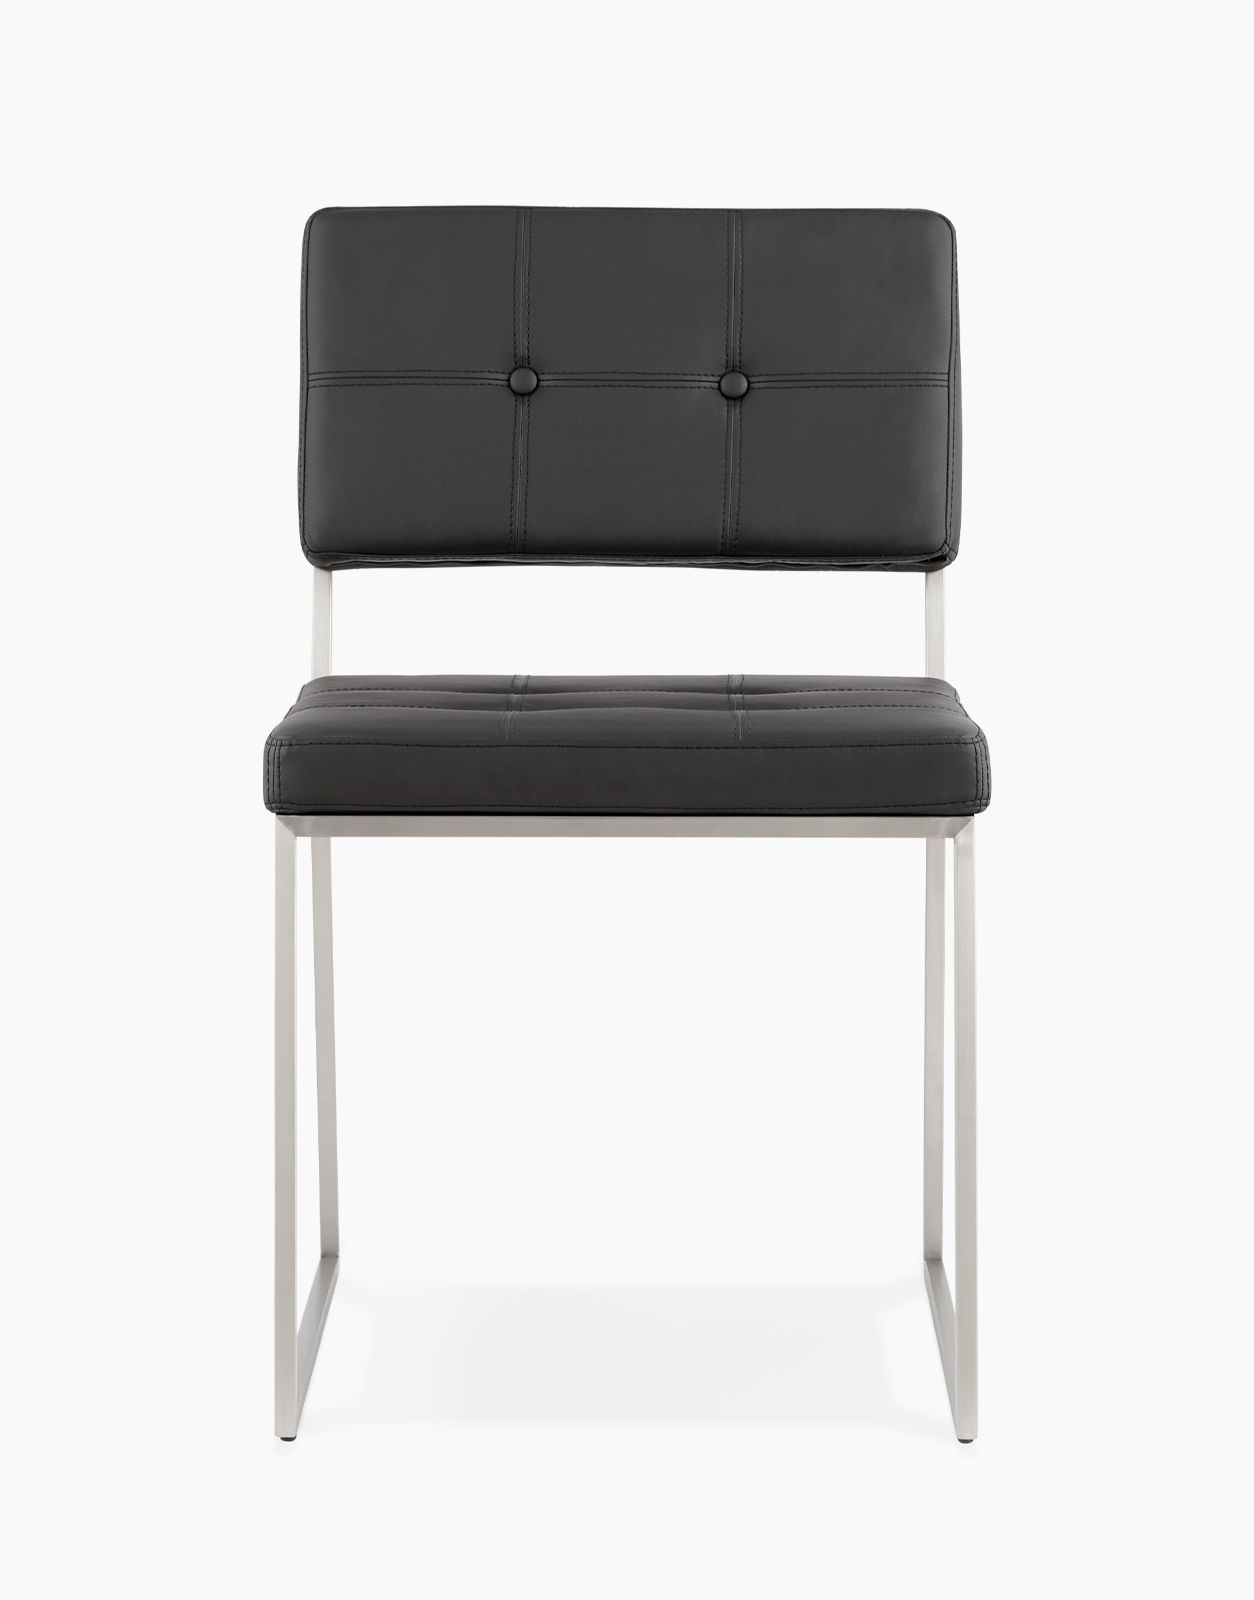 Epingle Par Solution Design Sur Produits Sur Solution Design Fr Styles De Decoration Interieure Table A Manger Rectangulaire Meuble Rangement